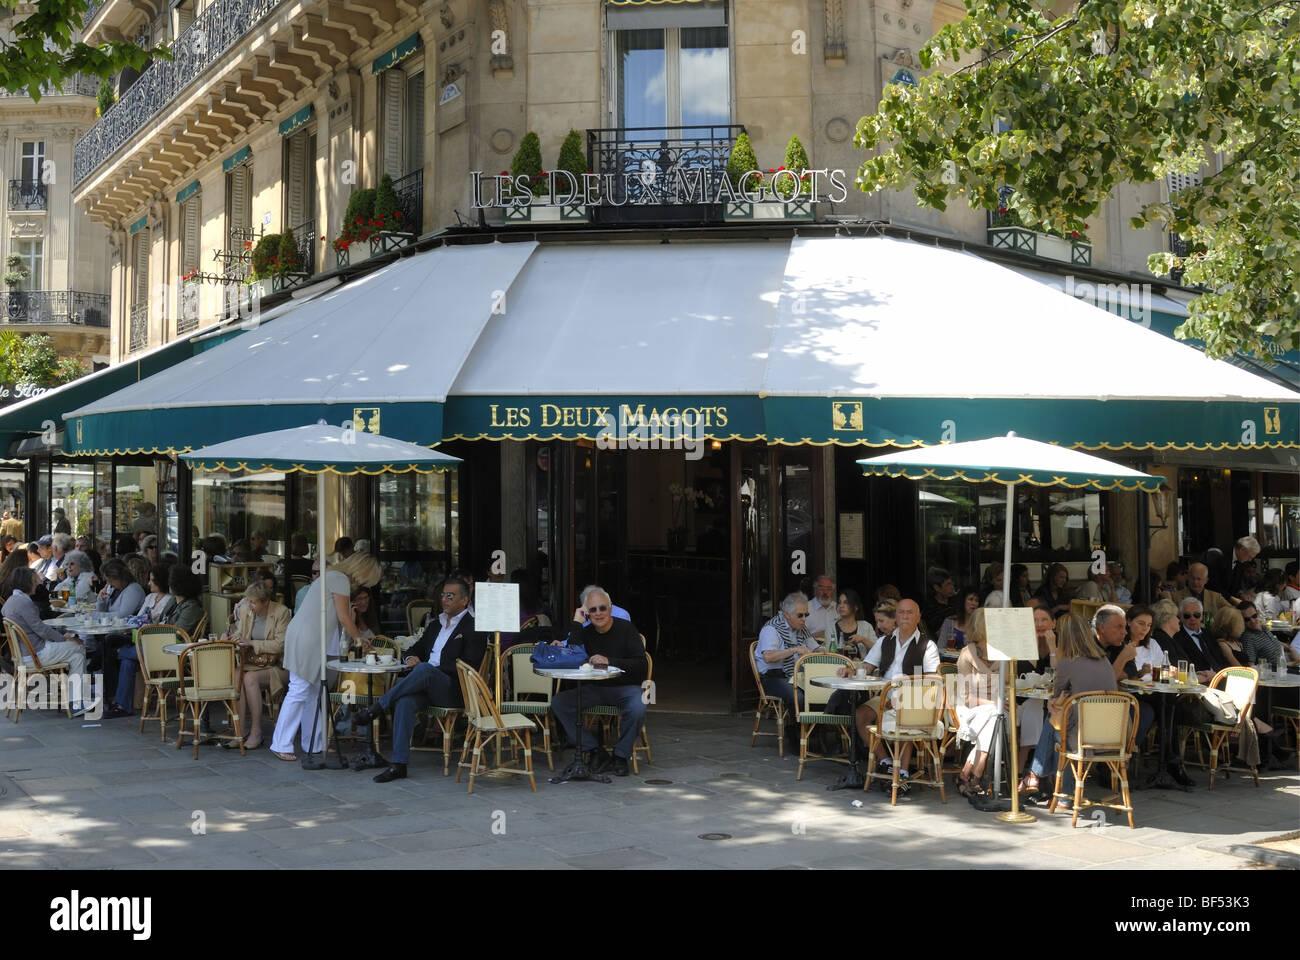 Les Deux Magots Cafe, Boulevard St-Germain, Paris - Stock Image